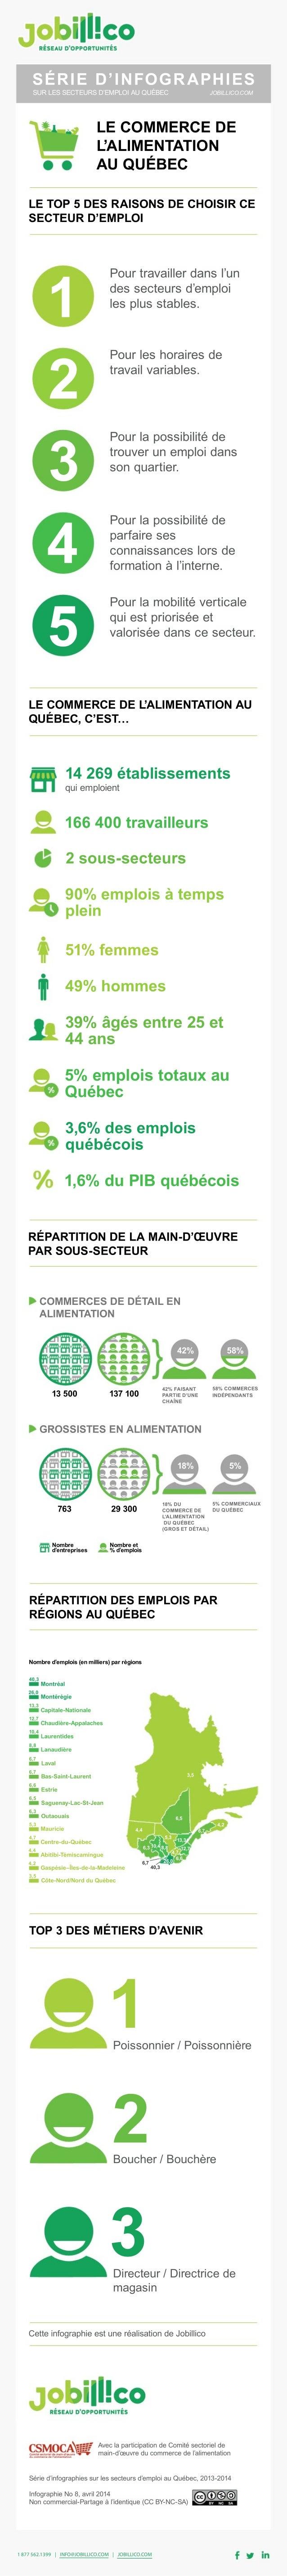 1877562.1399 |INFOJOBILLICO.COM |JOBILLICO.COM Séried'infographiessurlessecteursd'emploiauQuébec,2013-2014 InfographieNo8...